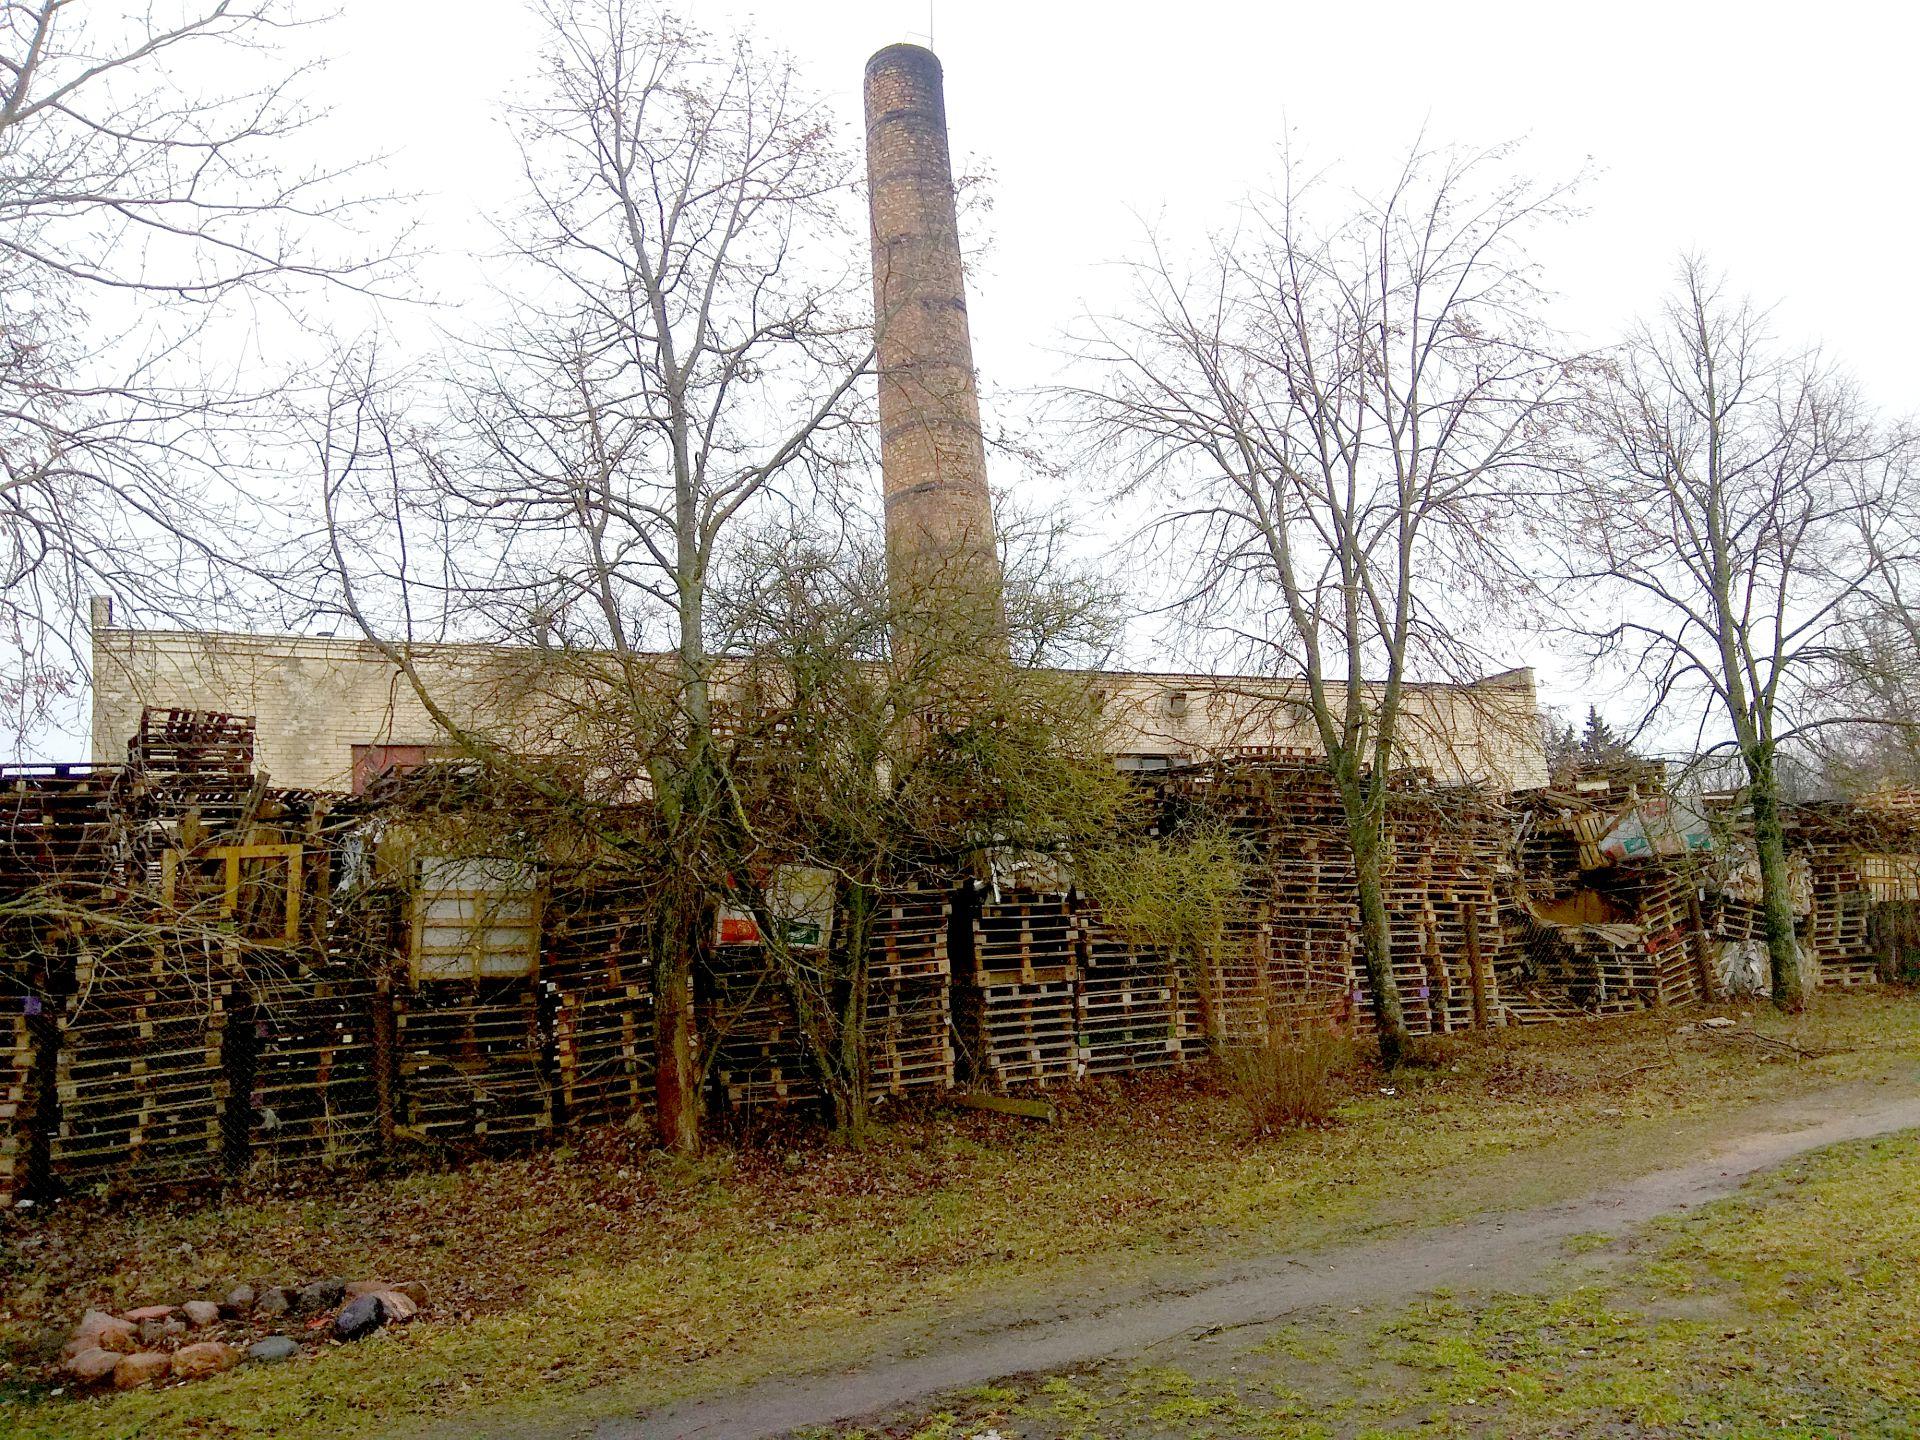 Vilainių seniūnijos Lančiūnavos kaimo katilinės kaimynystėje gyvenantys vietos gyventojai skundžiasi, kad dūmai iš katilinės teršia aplinką. / Dimitrijaus Kuprijanovo nuotr.